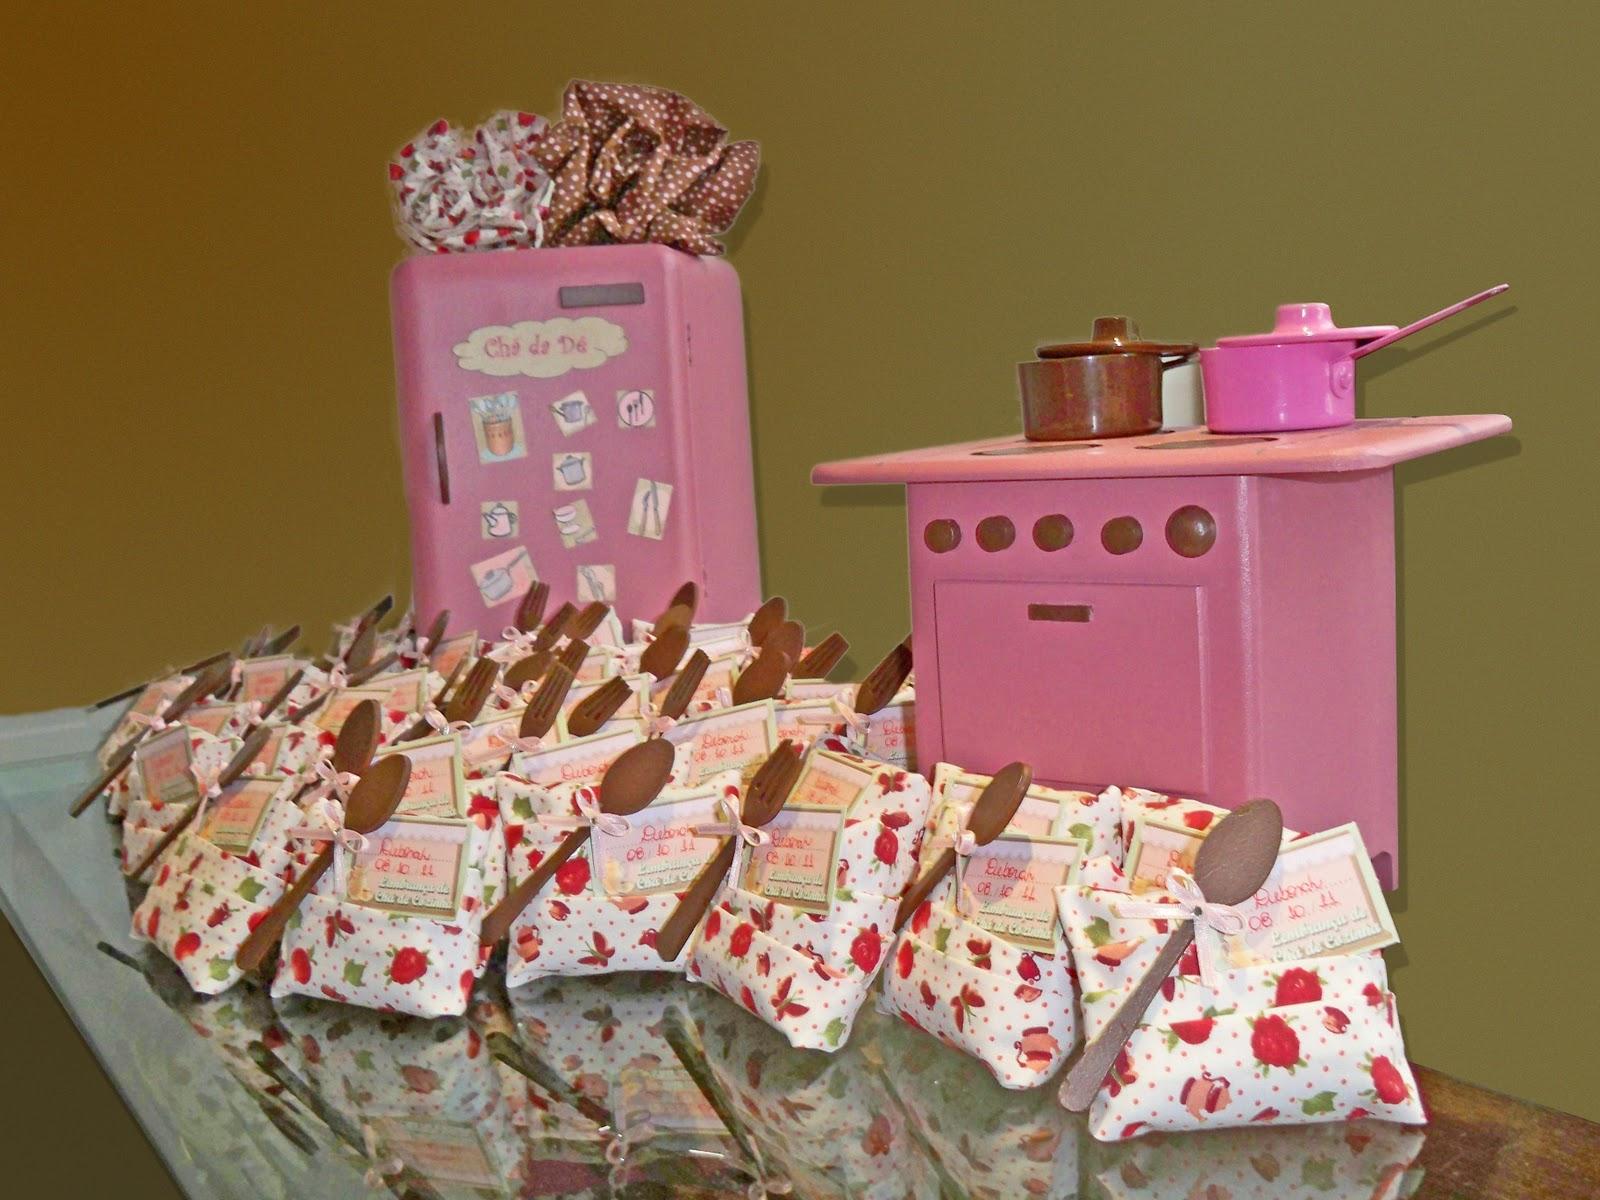 Decoraç u00e3o De Chá De Panela Simples E Barato -> Decoração De Chá De Panela Simples E Barato